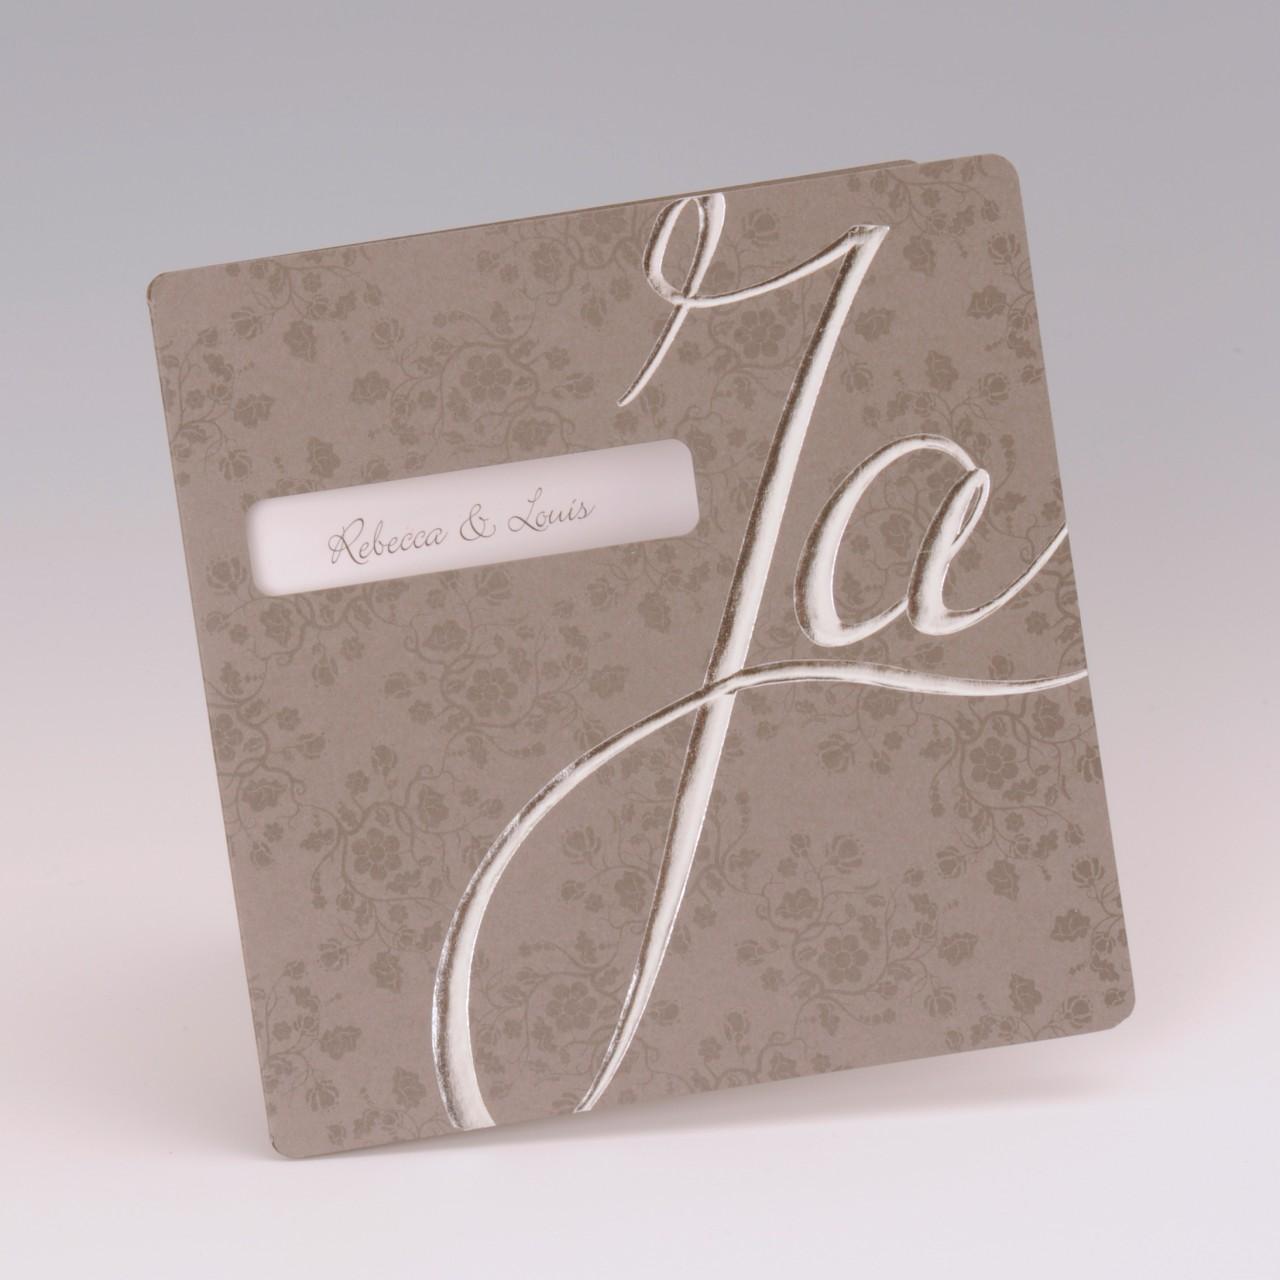 Die Hochzeitskarte Blumendesign in Silber bringt Ihr Vorhaben beim ersten Anblick zum Ausdruck. Unterstrichen wird dies durch den Eindruck Ihrer Namen.